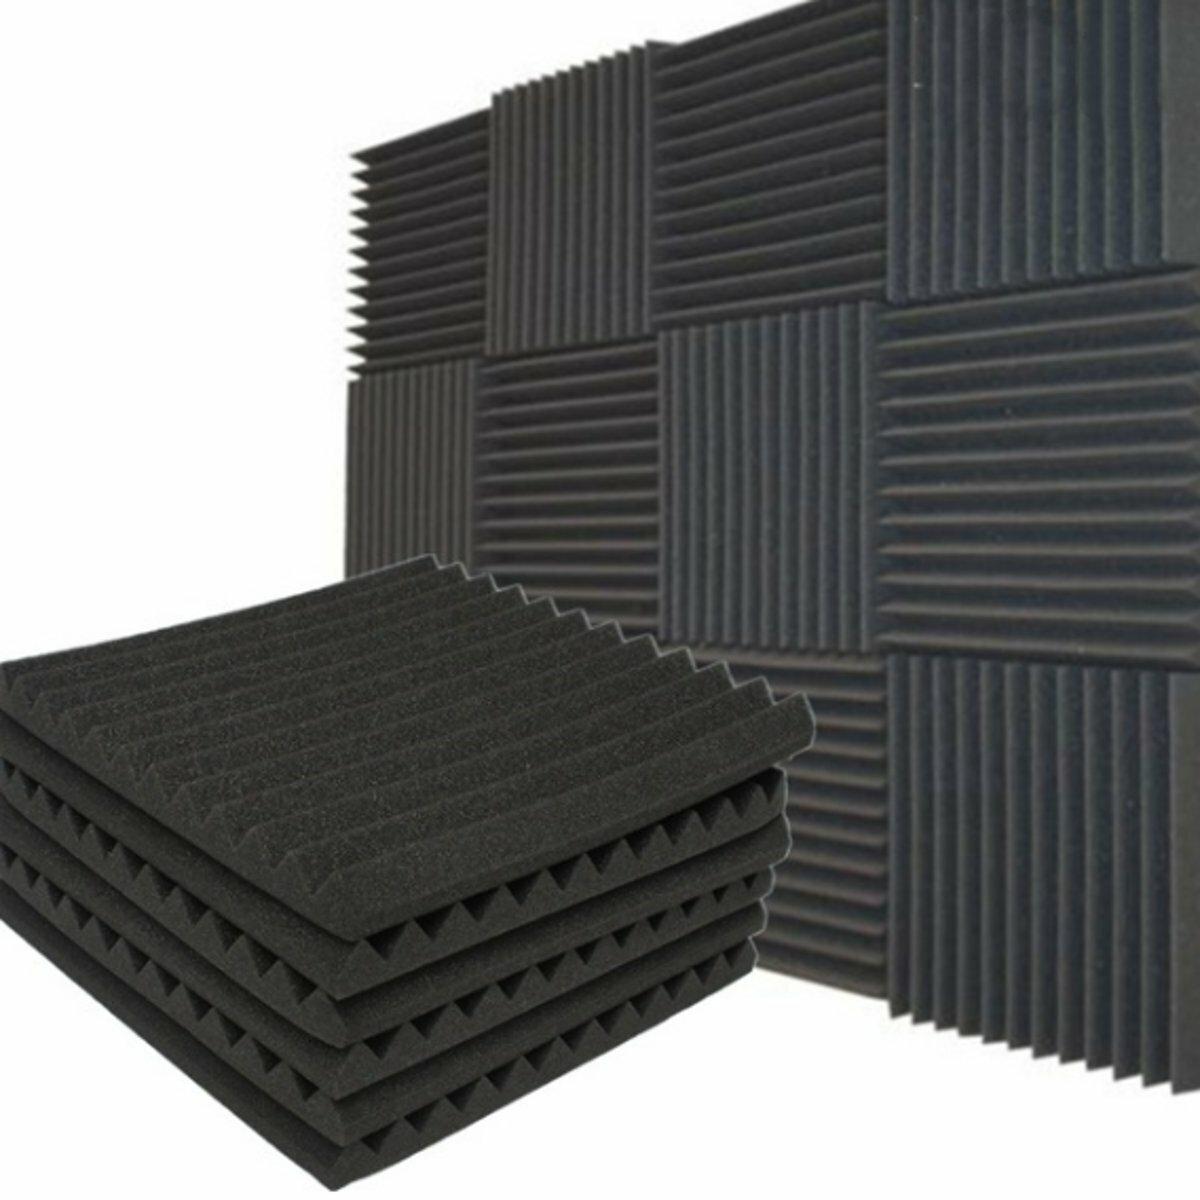 स्टूडियो ध्वनिक ध्वनिरोधी फोम पैनल टाइल ध्वनि अवशोषण प्रूफिंग उपचार वेज 30x30